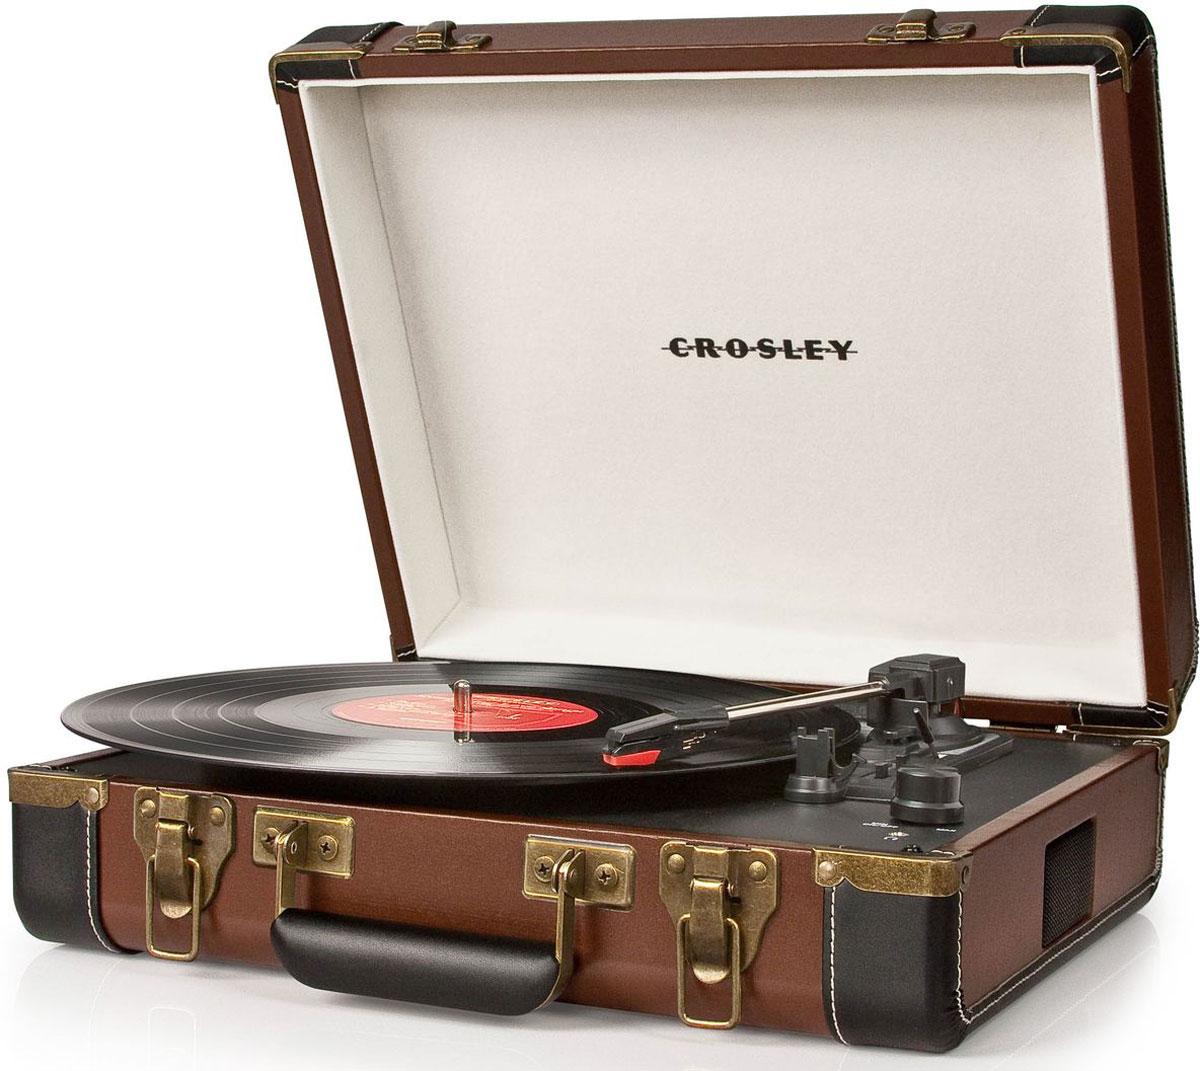 Crosley Executive, Brown Black виниловый проигрыватель - Hi-Fi компоненты